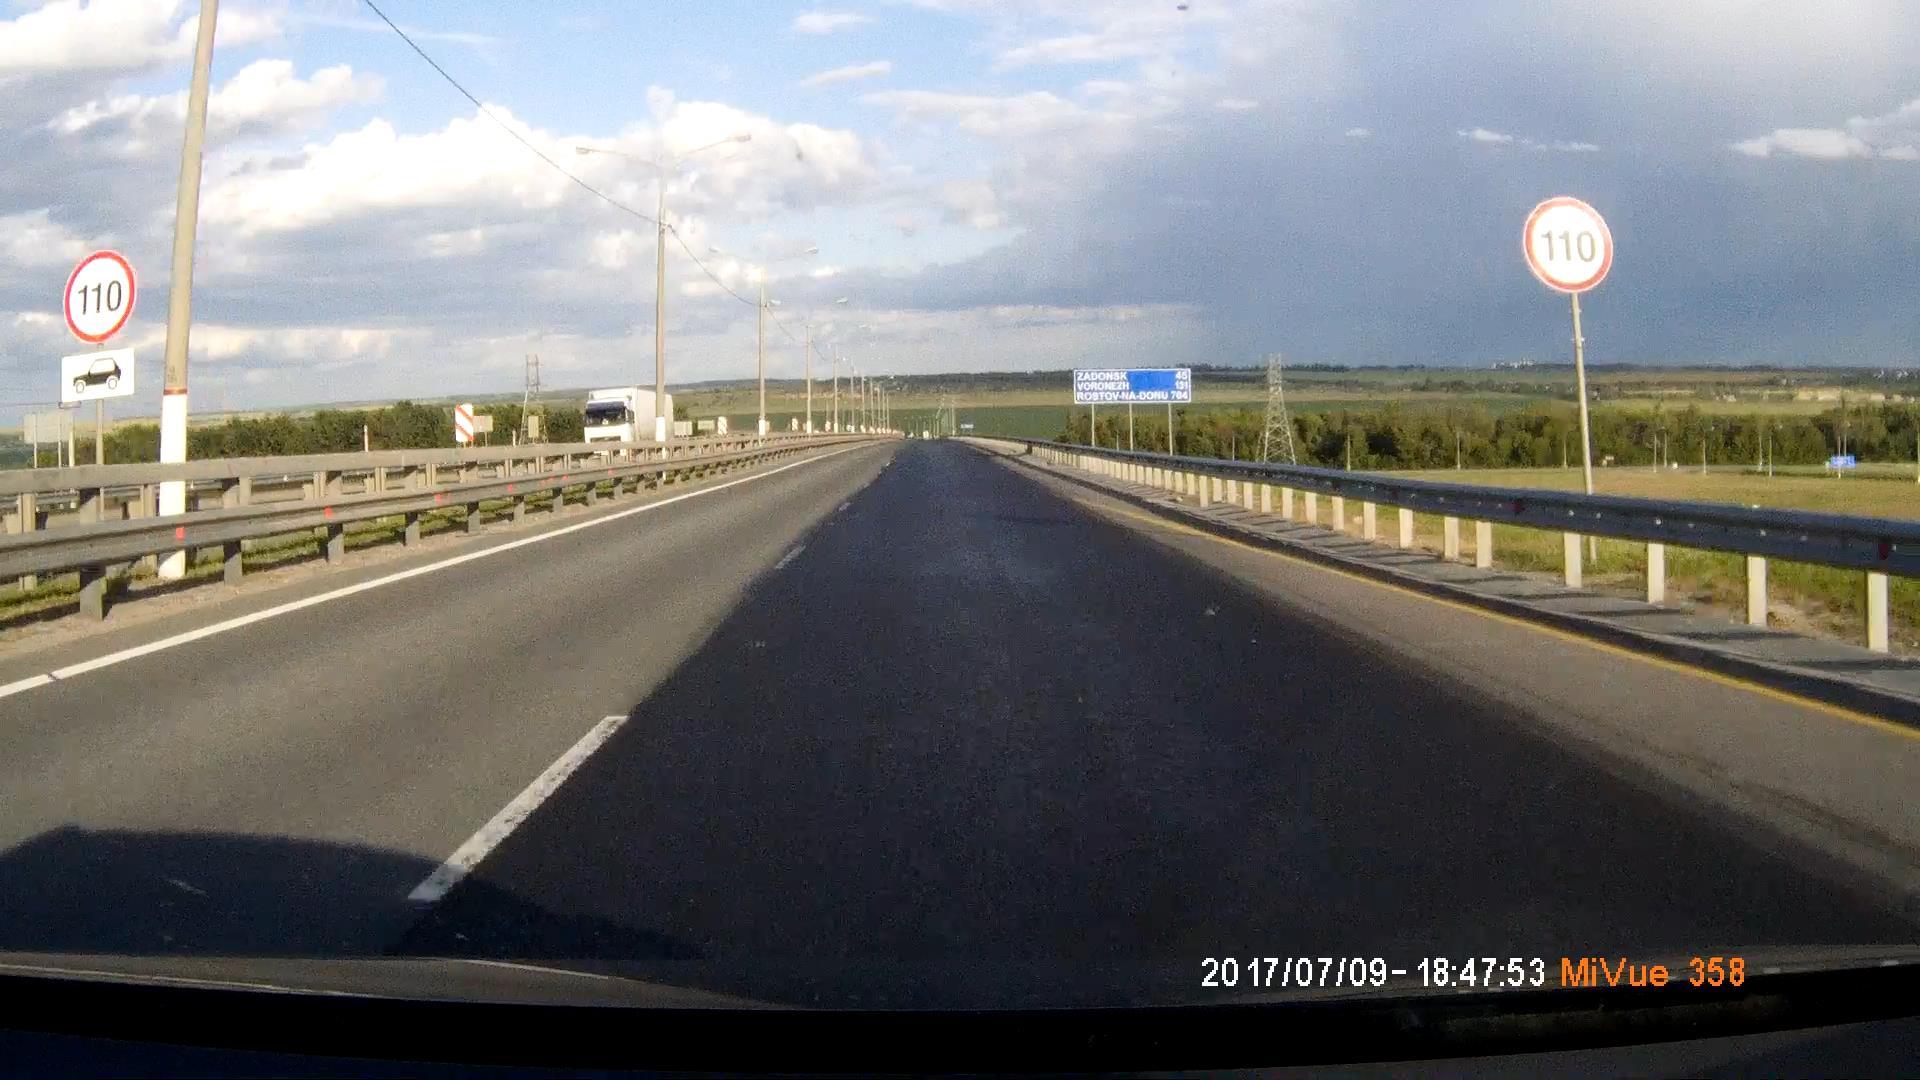 http://sa.uploads.ru/fH8Zr.jpg